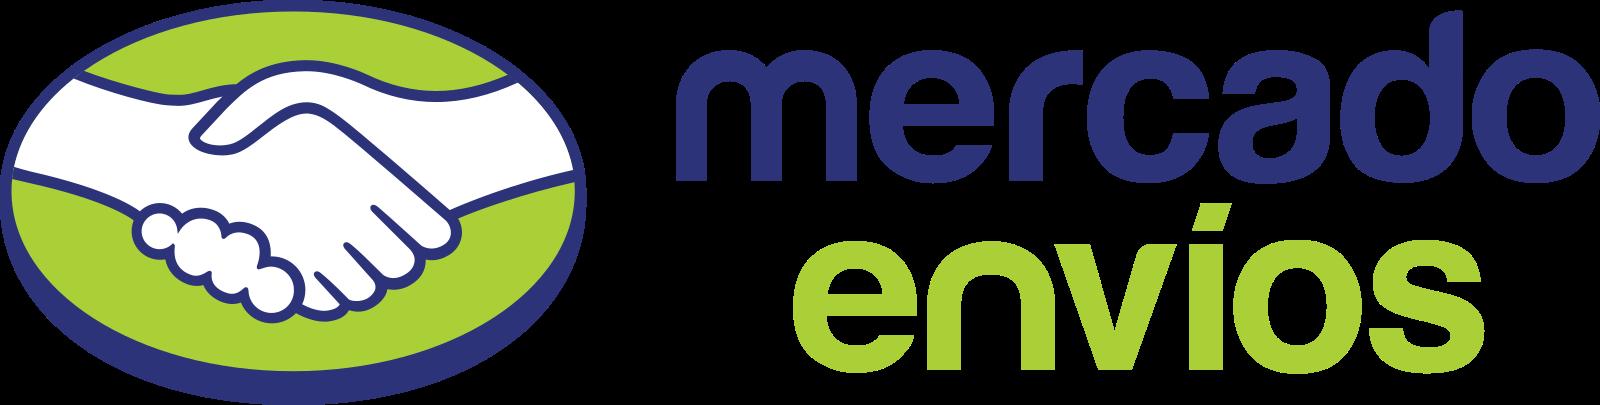 mercado-envios-logo-2